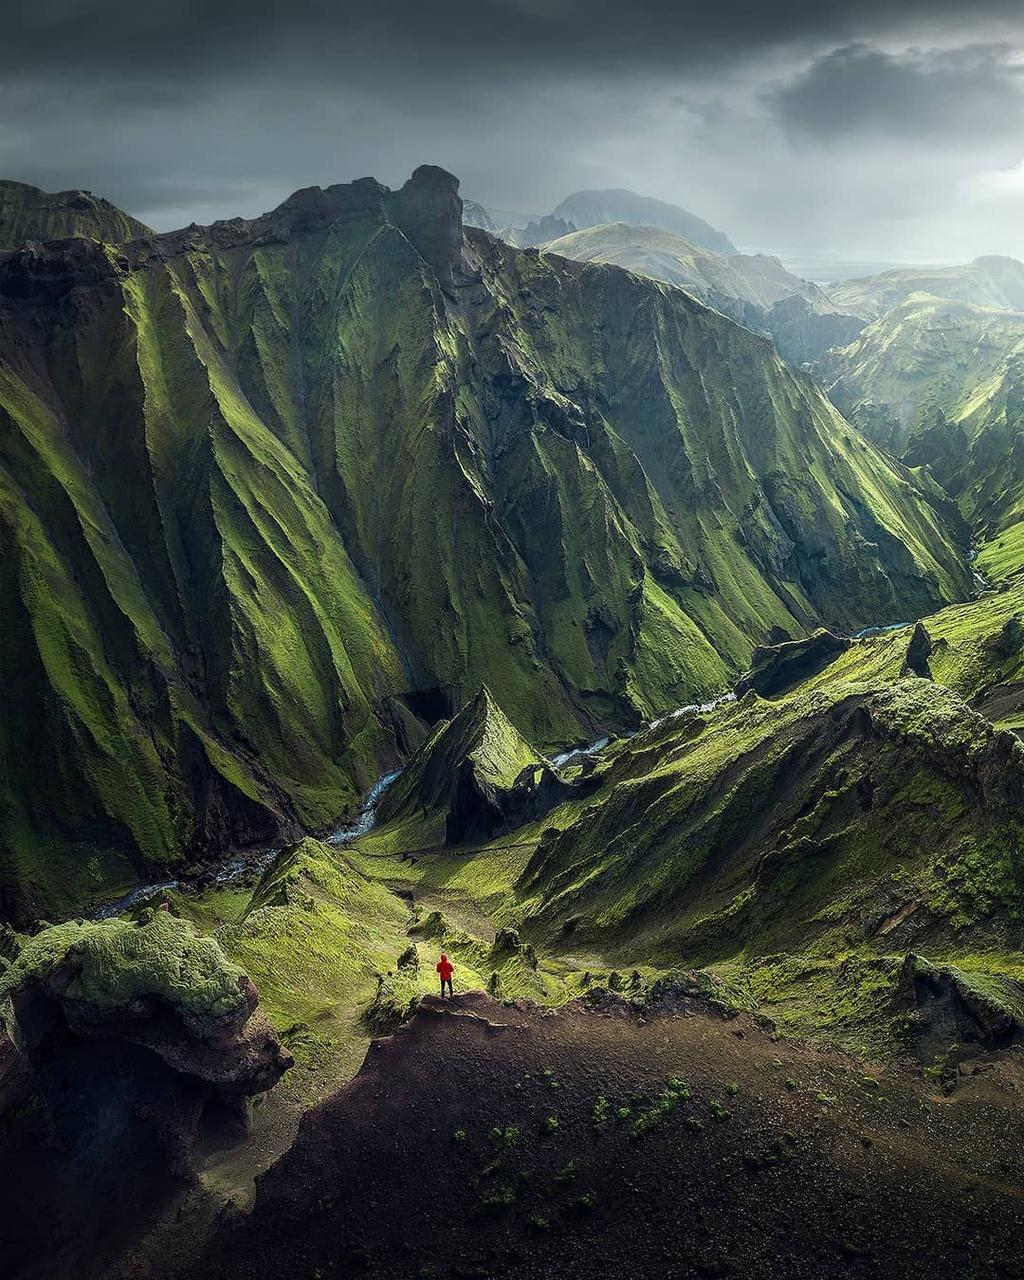 Ngoài việc góp phần tạo nên các cảnh quan đẹp như tranh vẽ, rêu Iceland còn có vai trò quan trọng trong hệ sinh thái của đất nước. Trước hết, rêu ngăn chặn xói mòn đất, vấn đề phát sinh ở Iceland kể từ khi rừng bị phá hủy hàng loạt. Bên cạnh đó, loài thực vật này hấp thụ nước và giữ độ ẩm, do đó lưu trữ vô số vi sinh vật cần thiết cho các vùng đất ở đây.